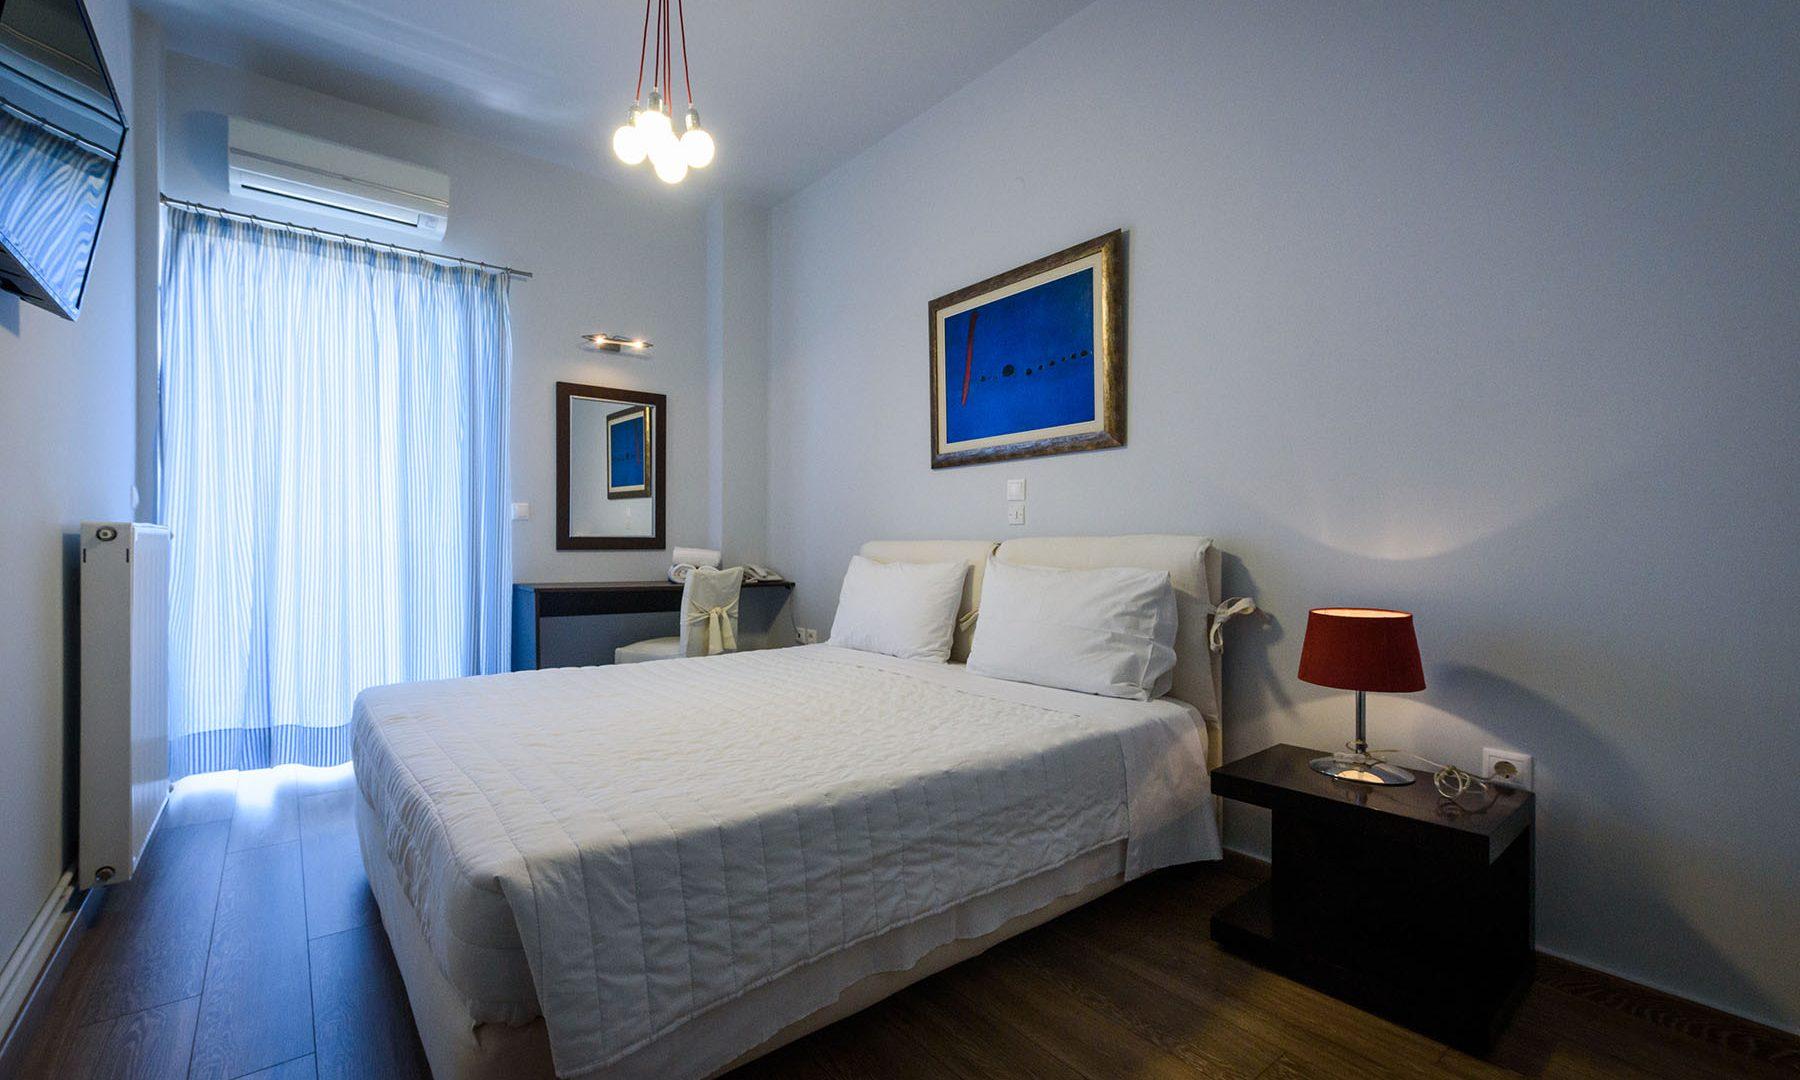 μεσσηνια ξενοδοχειο | Ξενοδοχείο Kleopatra Inn